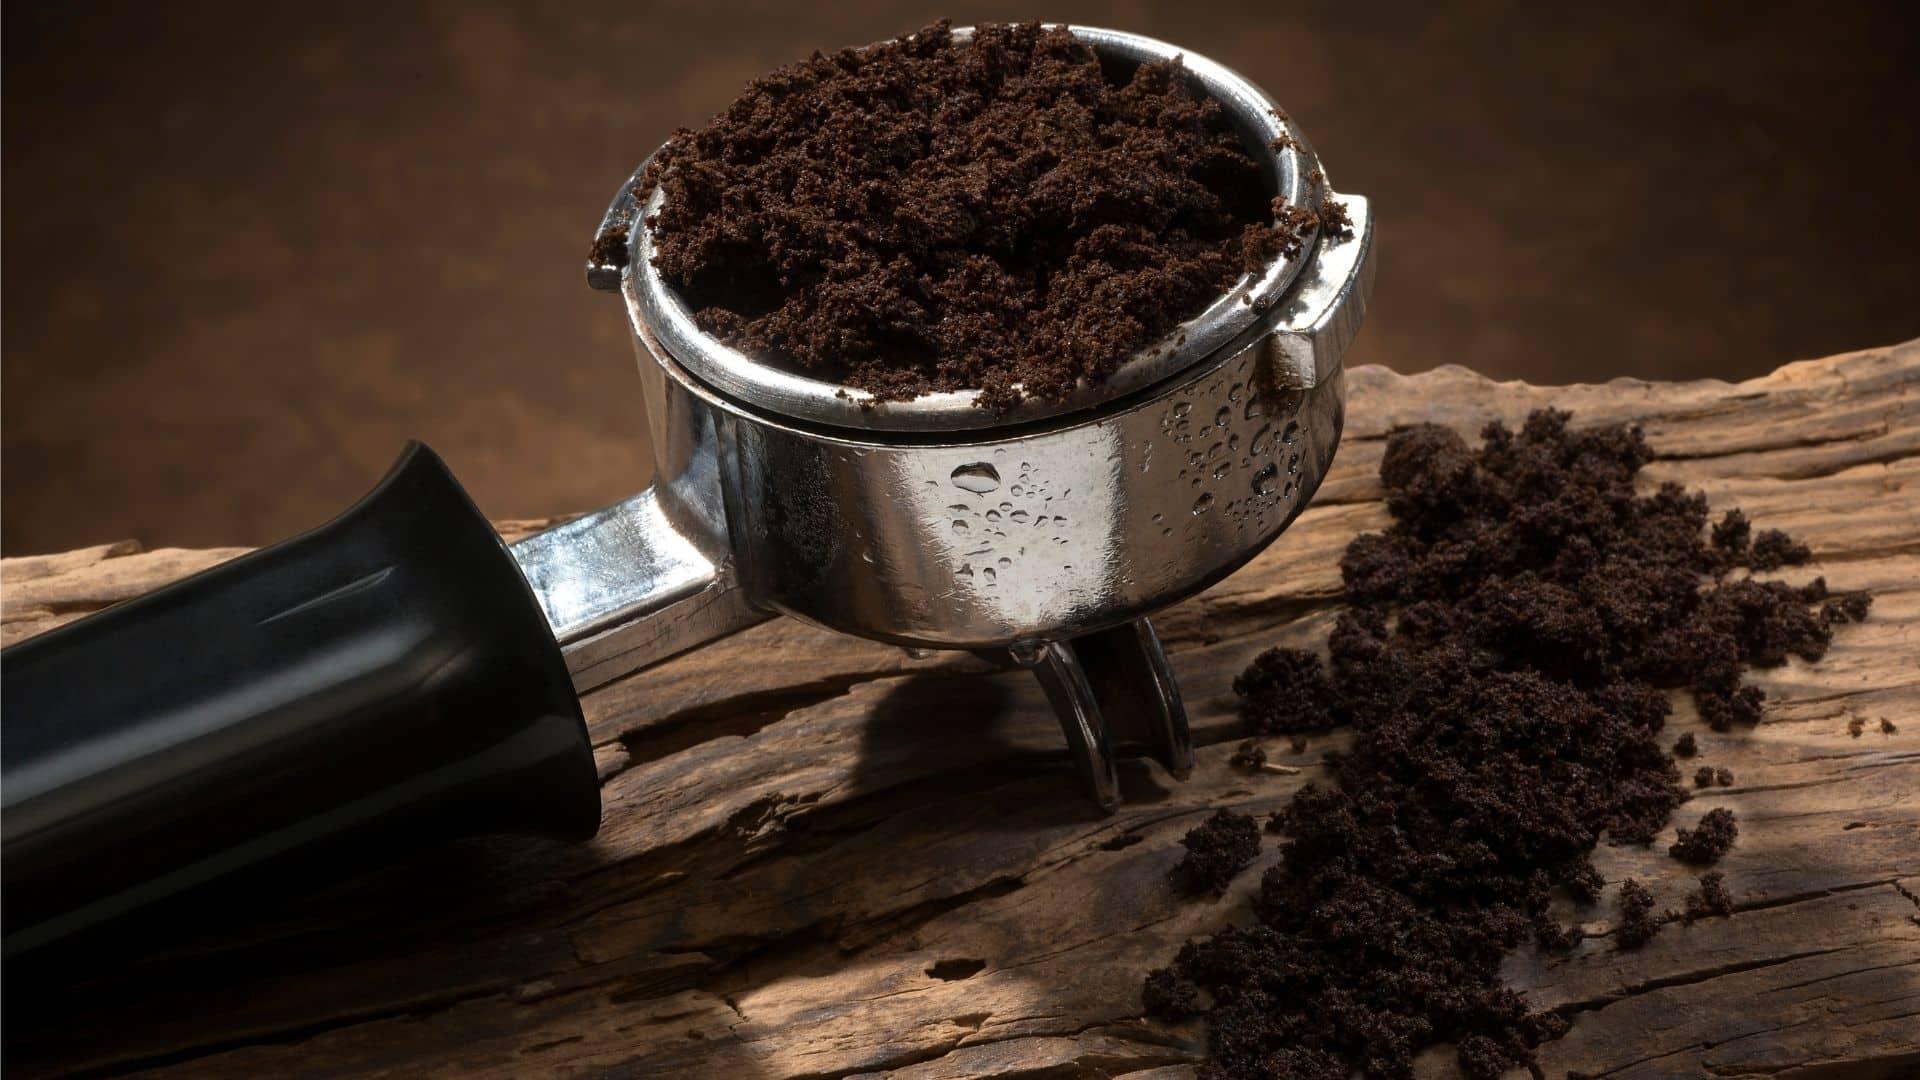 A kávézacc körülbelül 1,45% nitrogént tartalmaz. Magnéziumot, kalciumot, káliumot és más nyomelemeket is tartalmaznak. Egyéb zöld komposzt anyagok közé tartoznak az ételmaradékok és a fűnyírás melléktermékei.